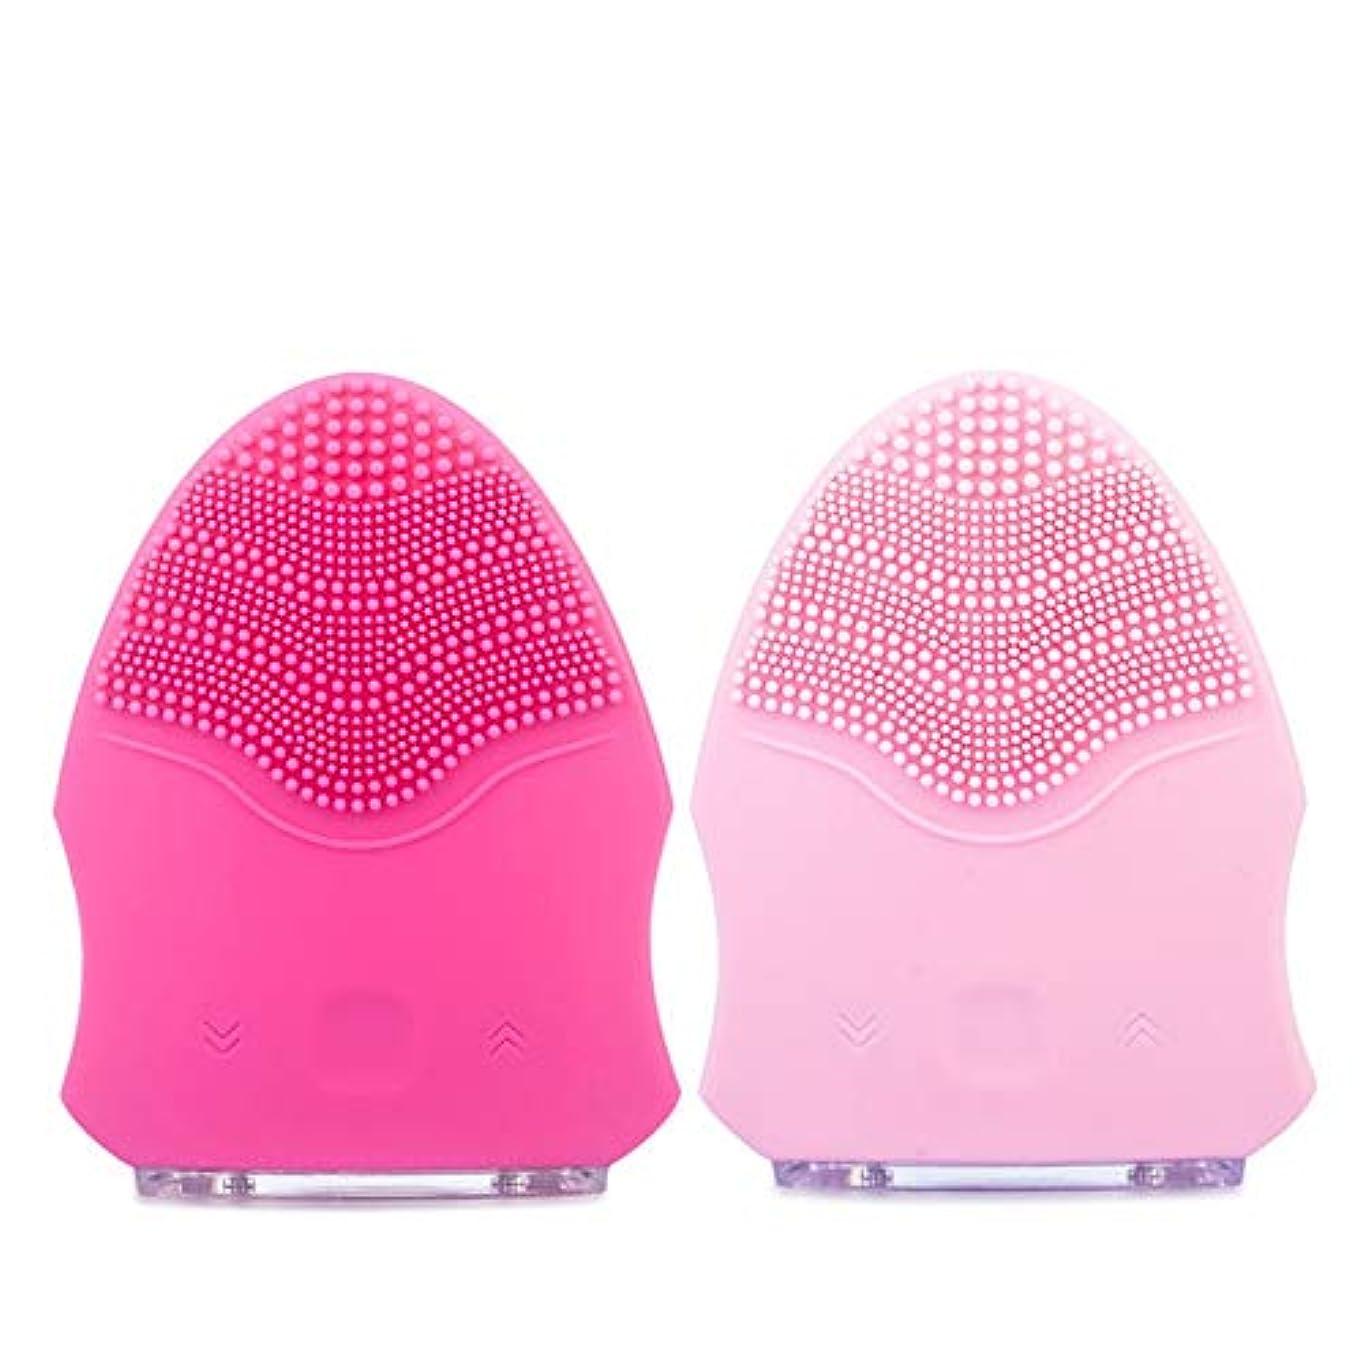 ありがたい専門用語免疫するZXF 防水シリコーン洗顔器毛穴掃除美容器用充電器ピンク赤セクション 滑らかである (色 : Red)